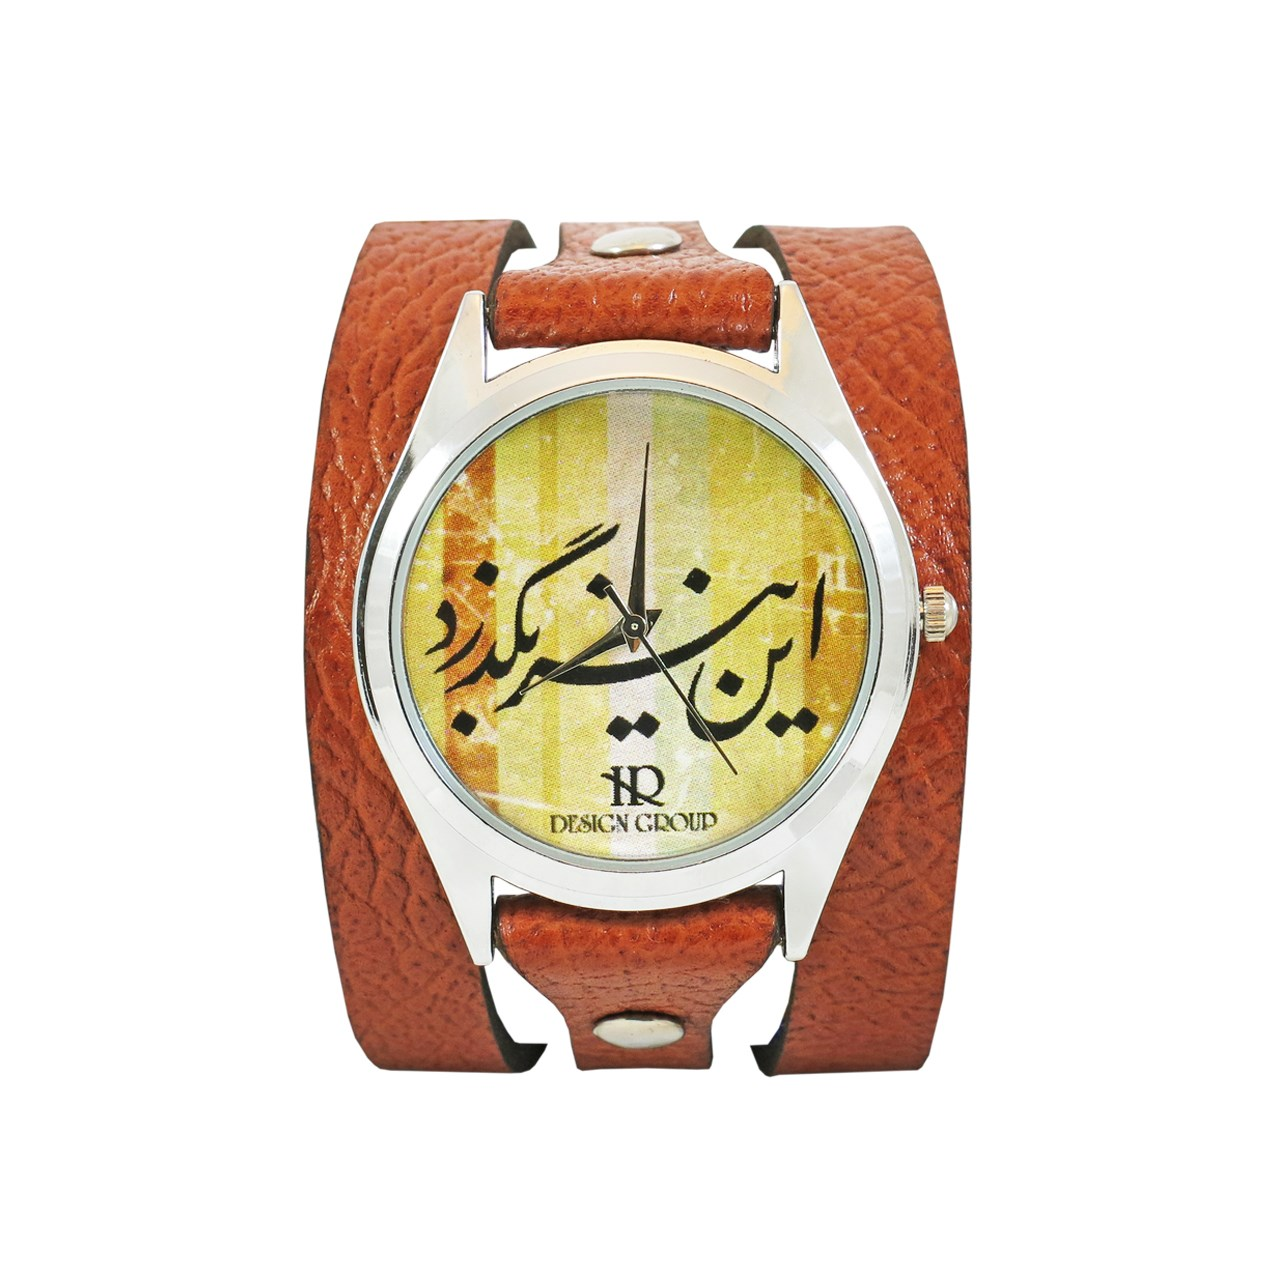 خرید ساعت دست ساز اچ آر دیزاین گروپ مدل 008